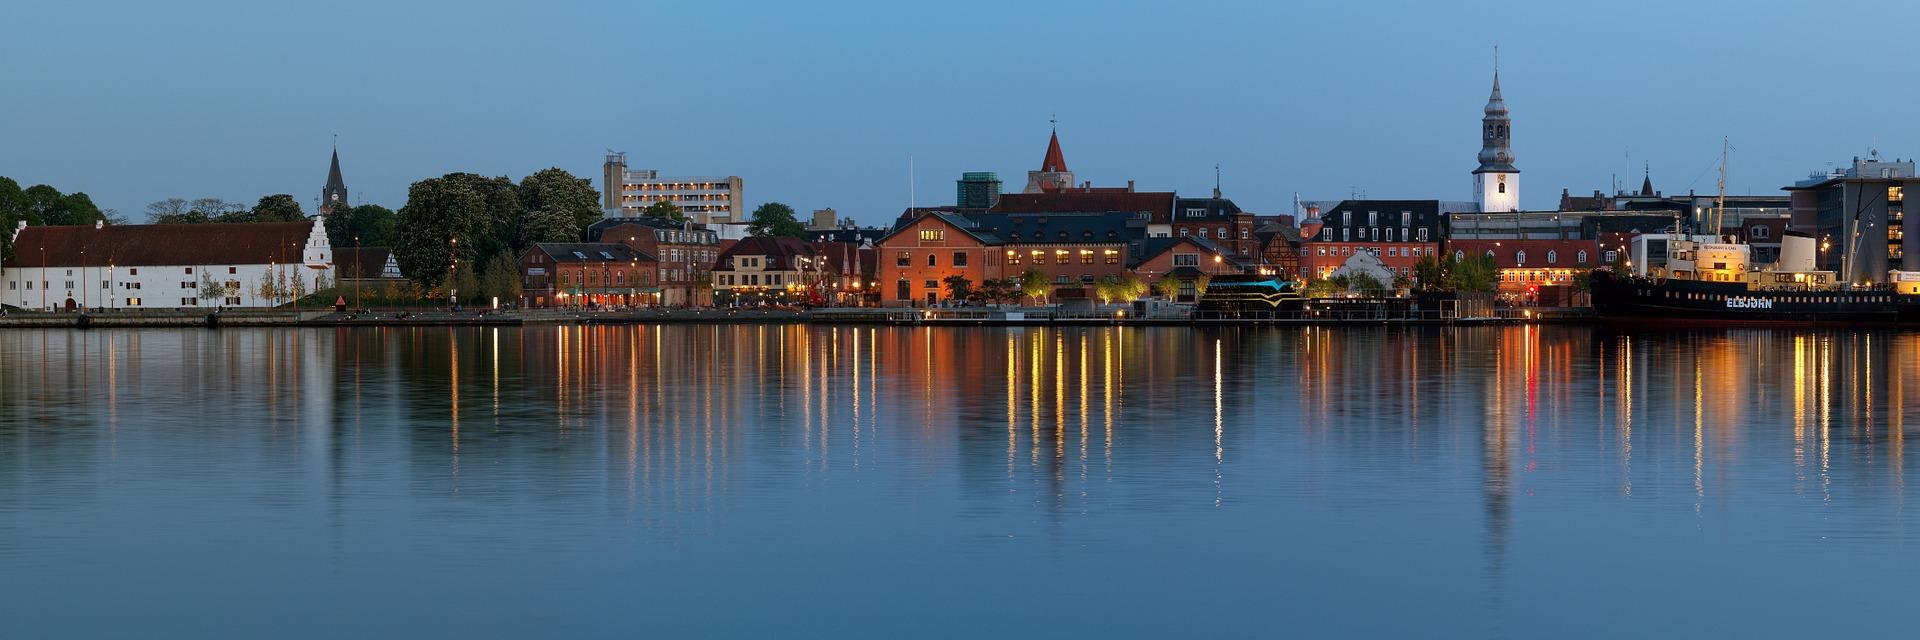 Bo nær din uddannelse i skønne Aalborg